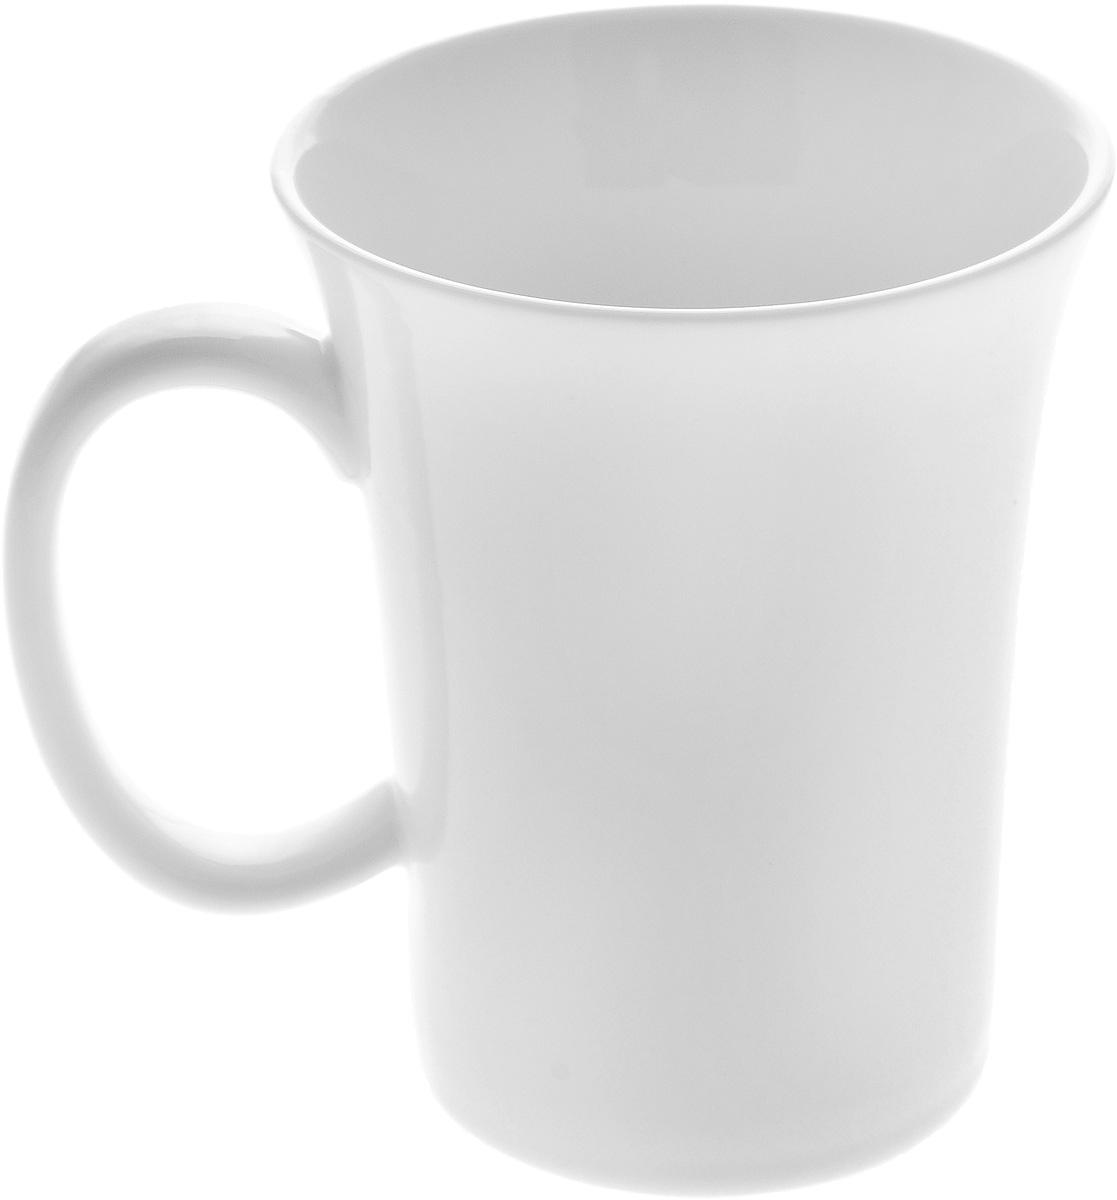 Кружка Wilmax, 350 млVT-1520(SR)Кружка Wilmax изготовлена из высококачественного фарфора и сочетает в себе оригинальный дизайн и функциональность. Такая кружка идеально впишется в интерьер современной кухни, а также станет хорошим и практичным подарком на любой праздник. Диаметр кружки(по верхнему краю): 9 см.